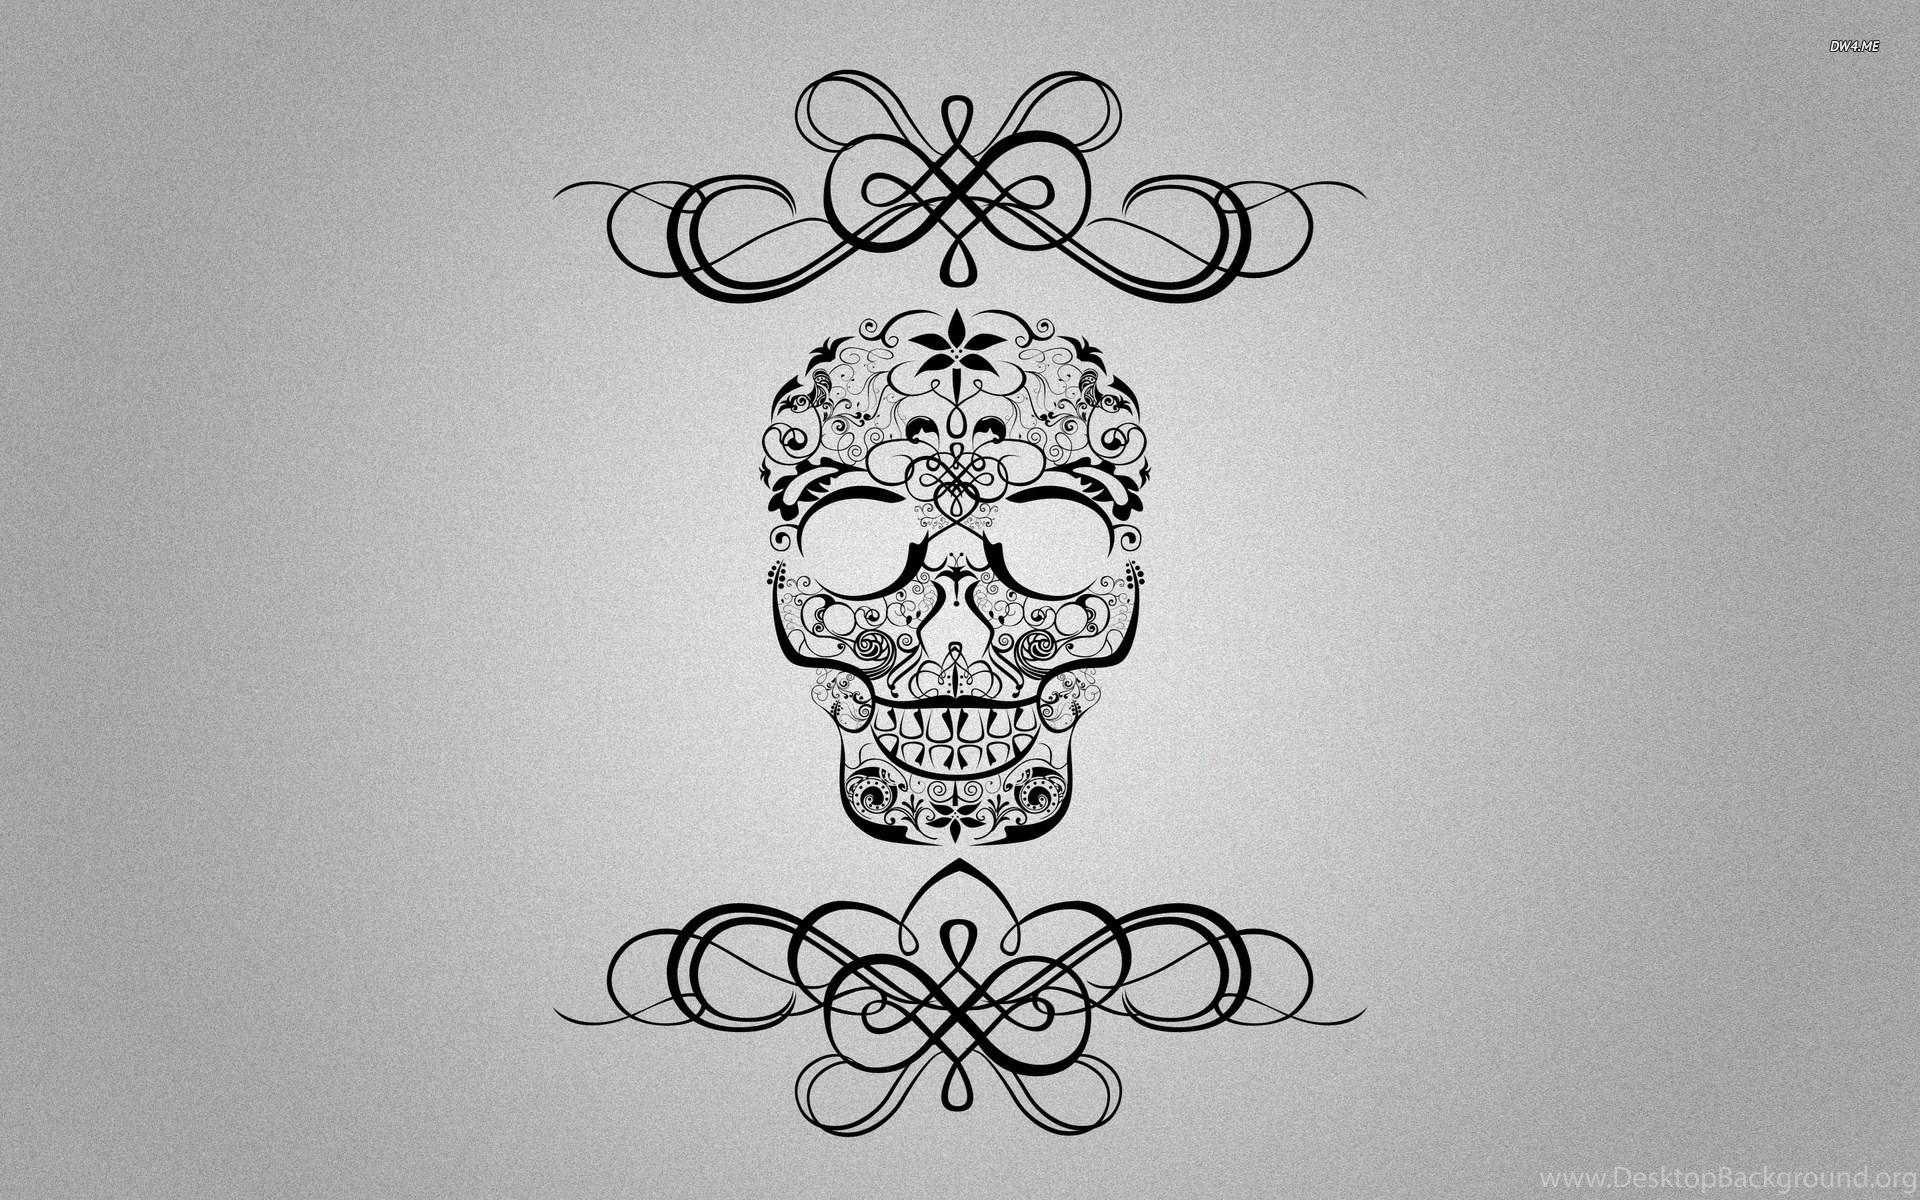 Sugar Skull Wallpaper Images Desktop Background